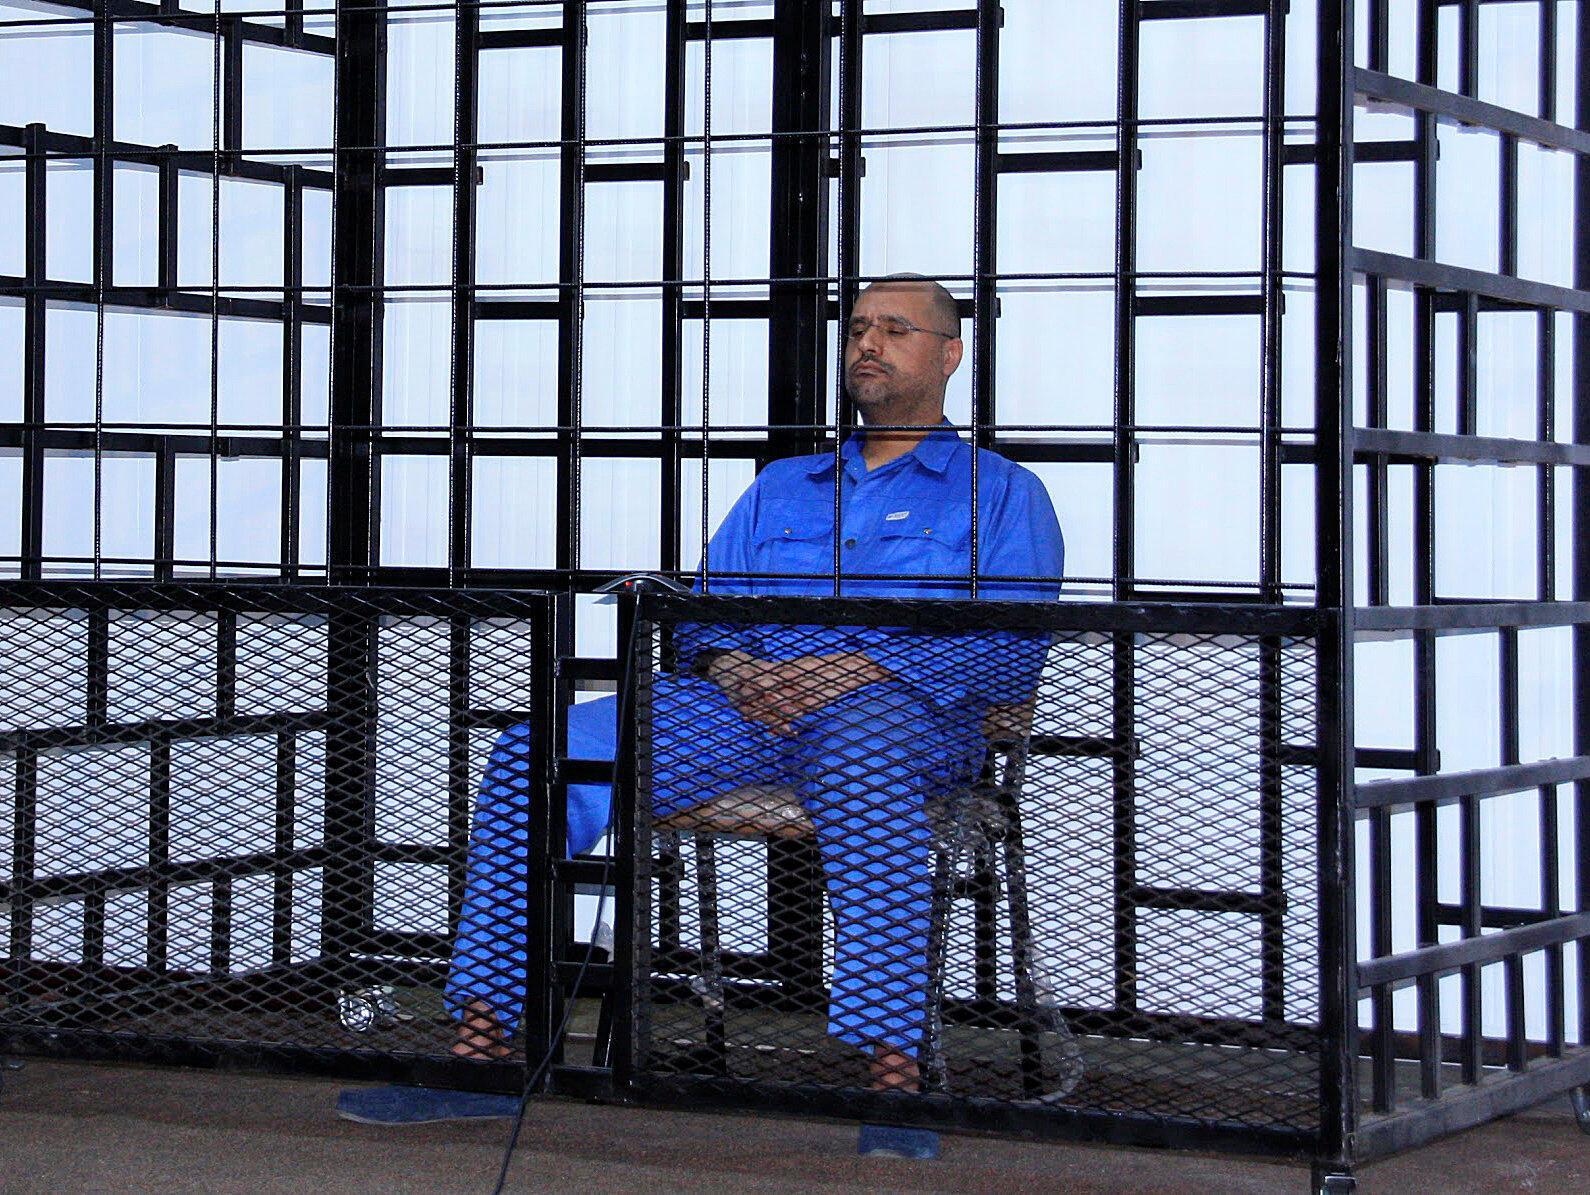 Saif al-Islam Kadafi, filho do ex-líder líbio Muamar Kadafi, em cela do tribunal de Zentane em 25 de maio de 2014.